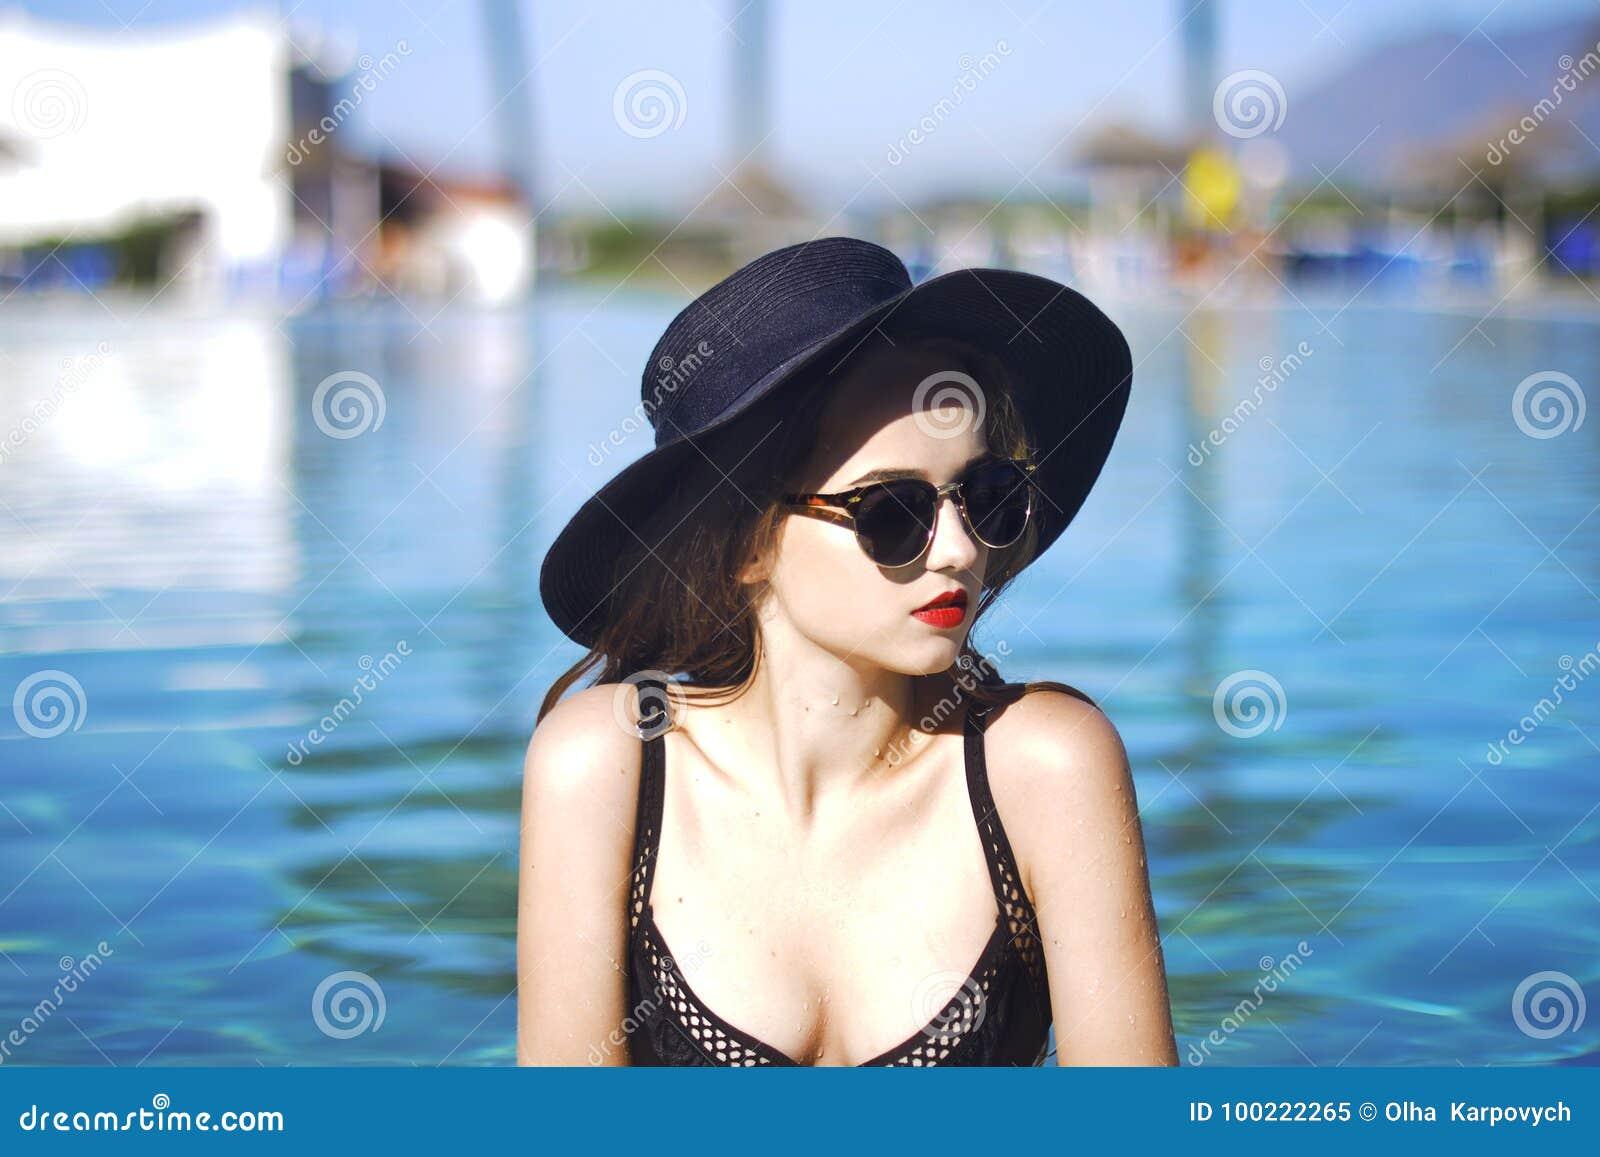 Jong mooi meisje in zwarte manierhoed, fluweelhuid, rode lippen, het zwarte zwempak stellen in de pool in blauw water, modieuze s